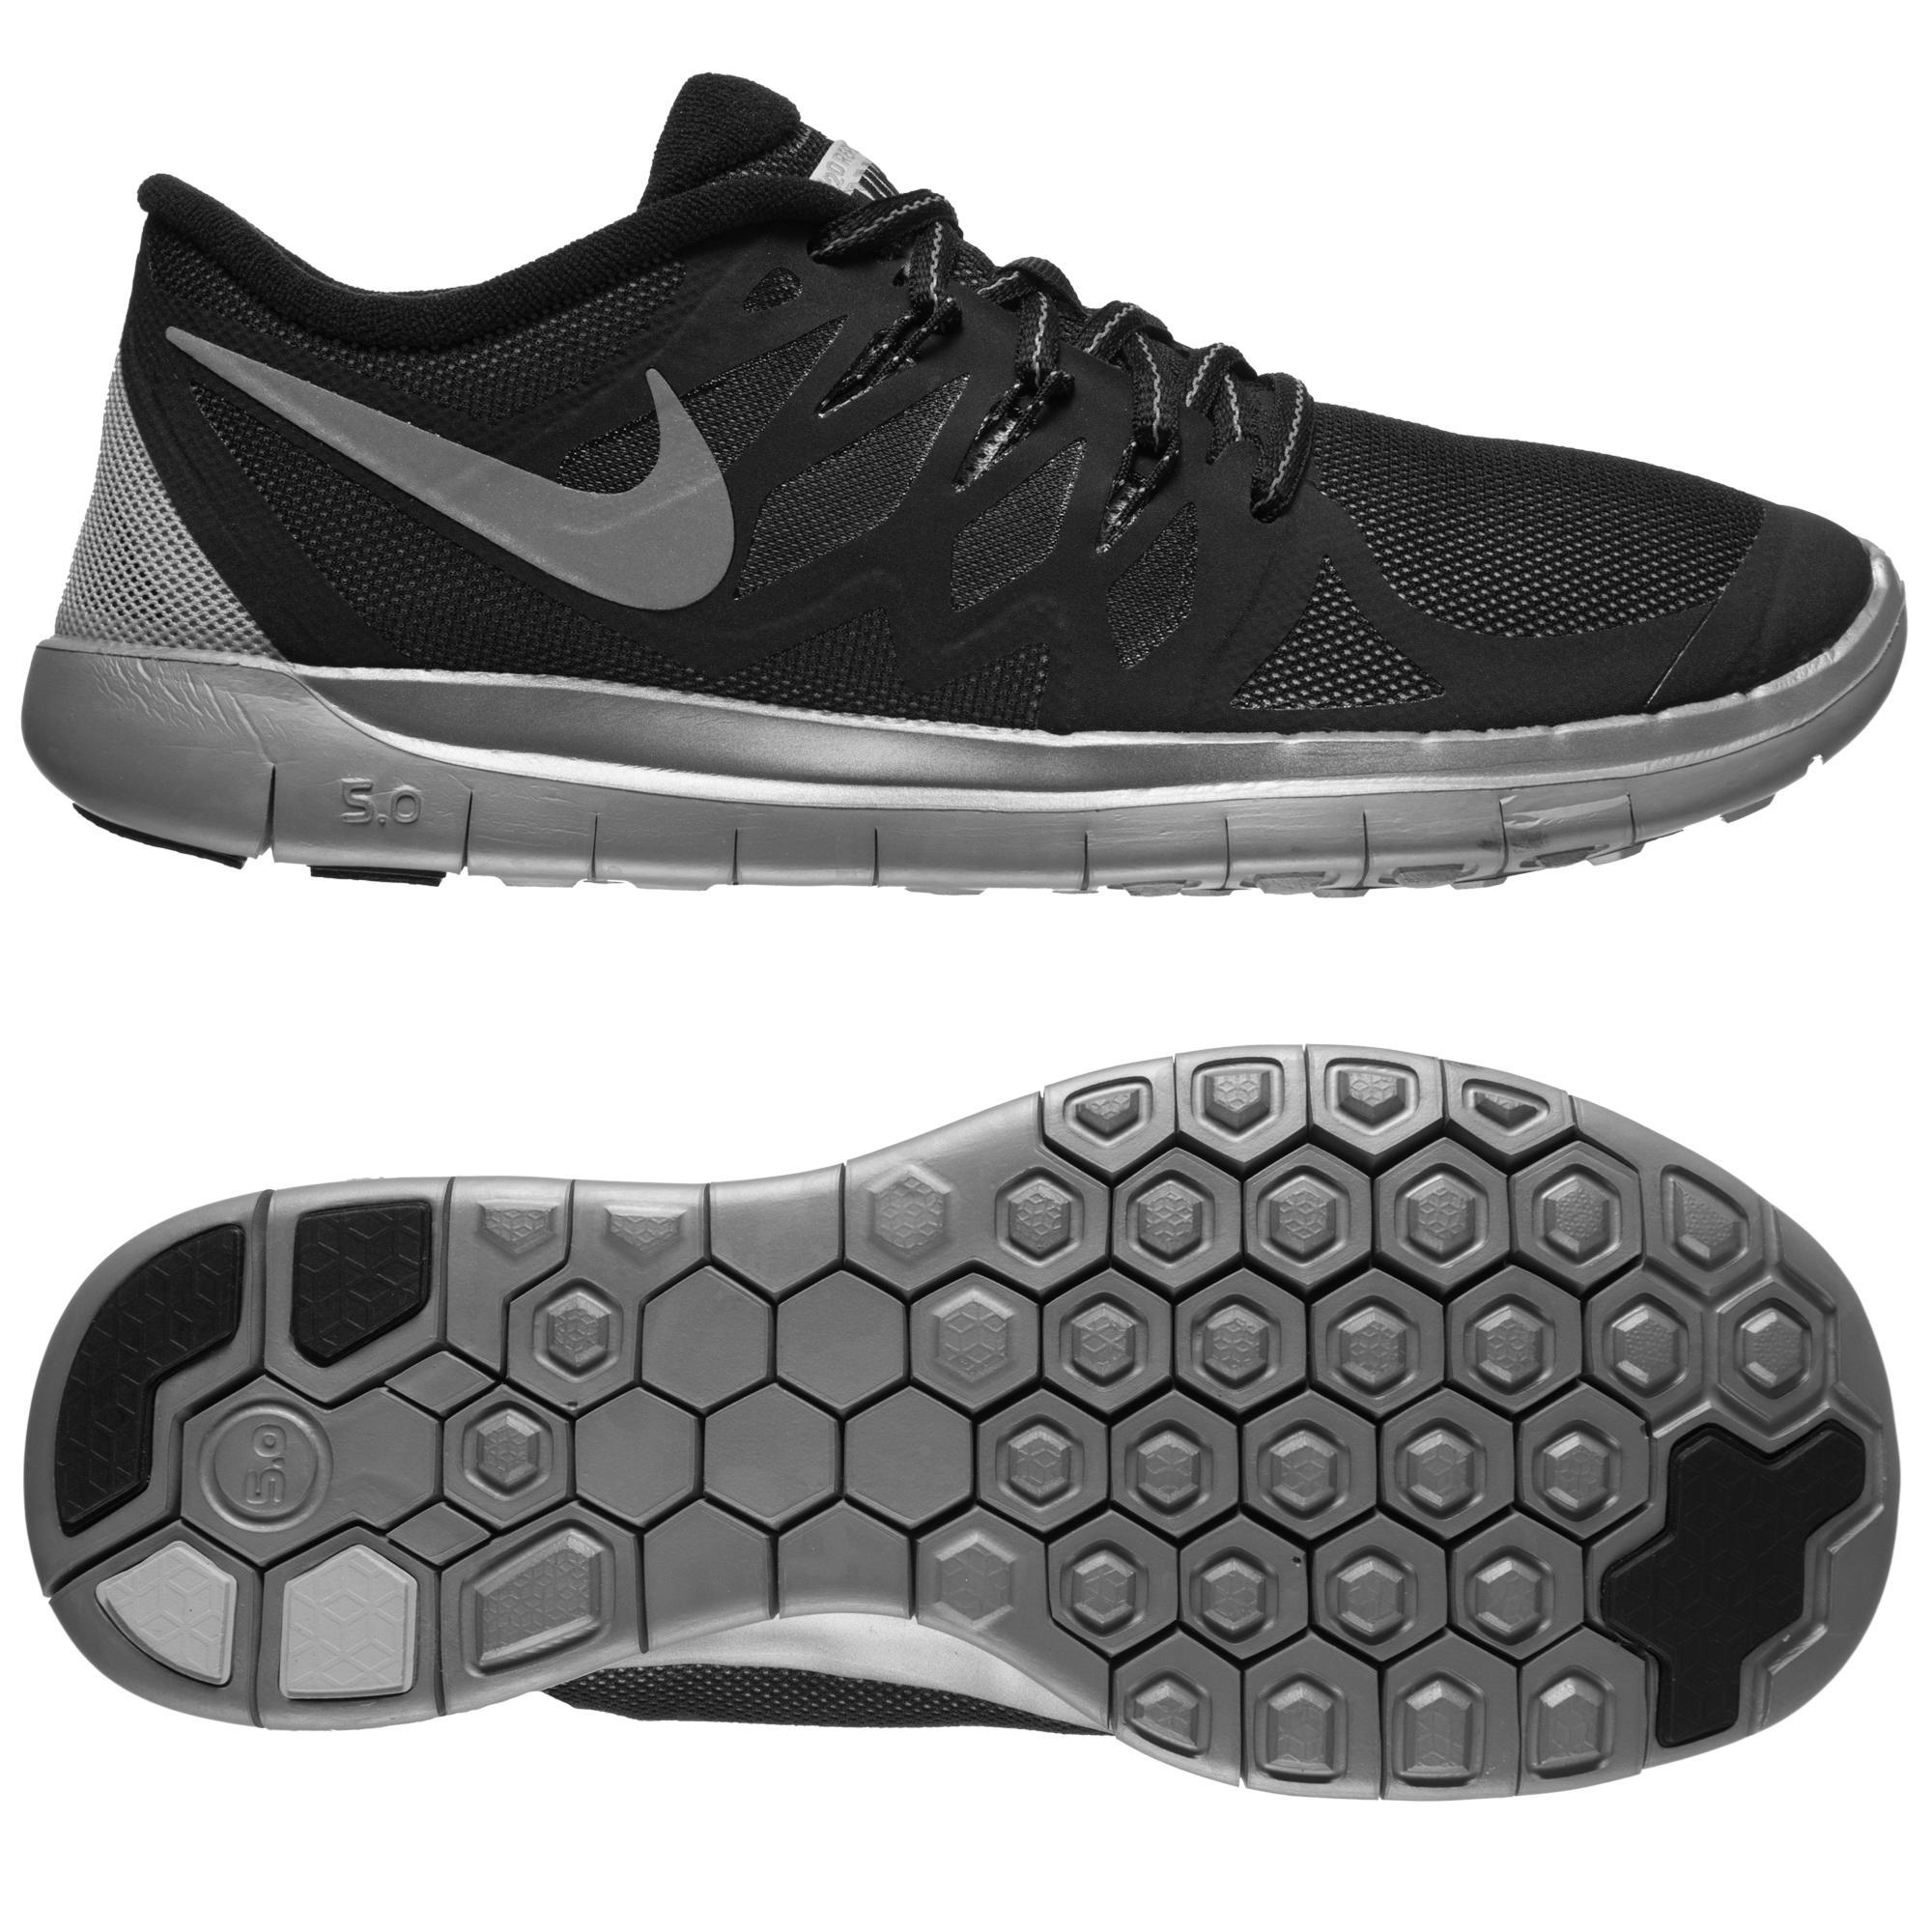 Nike Free Run 5.0 Flash